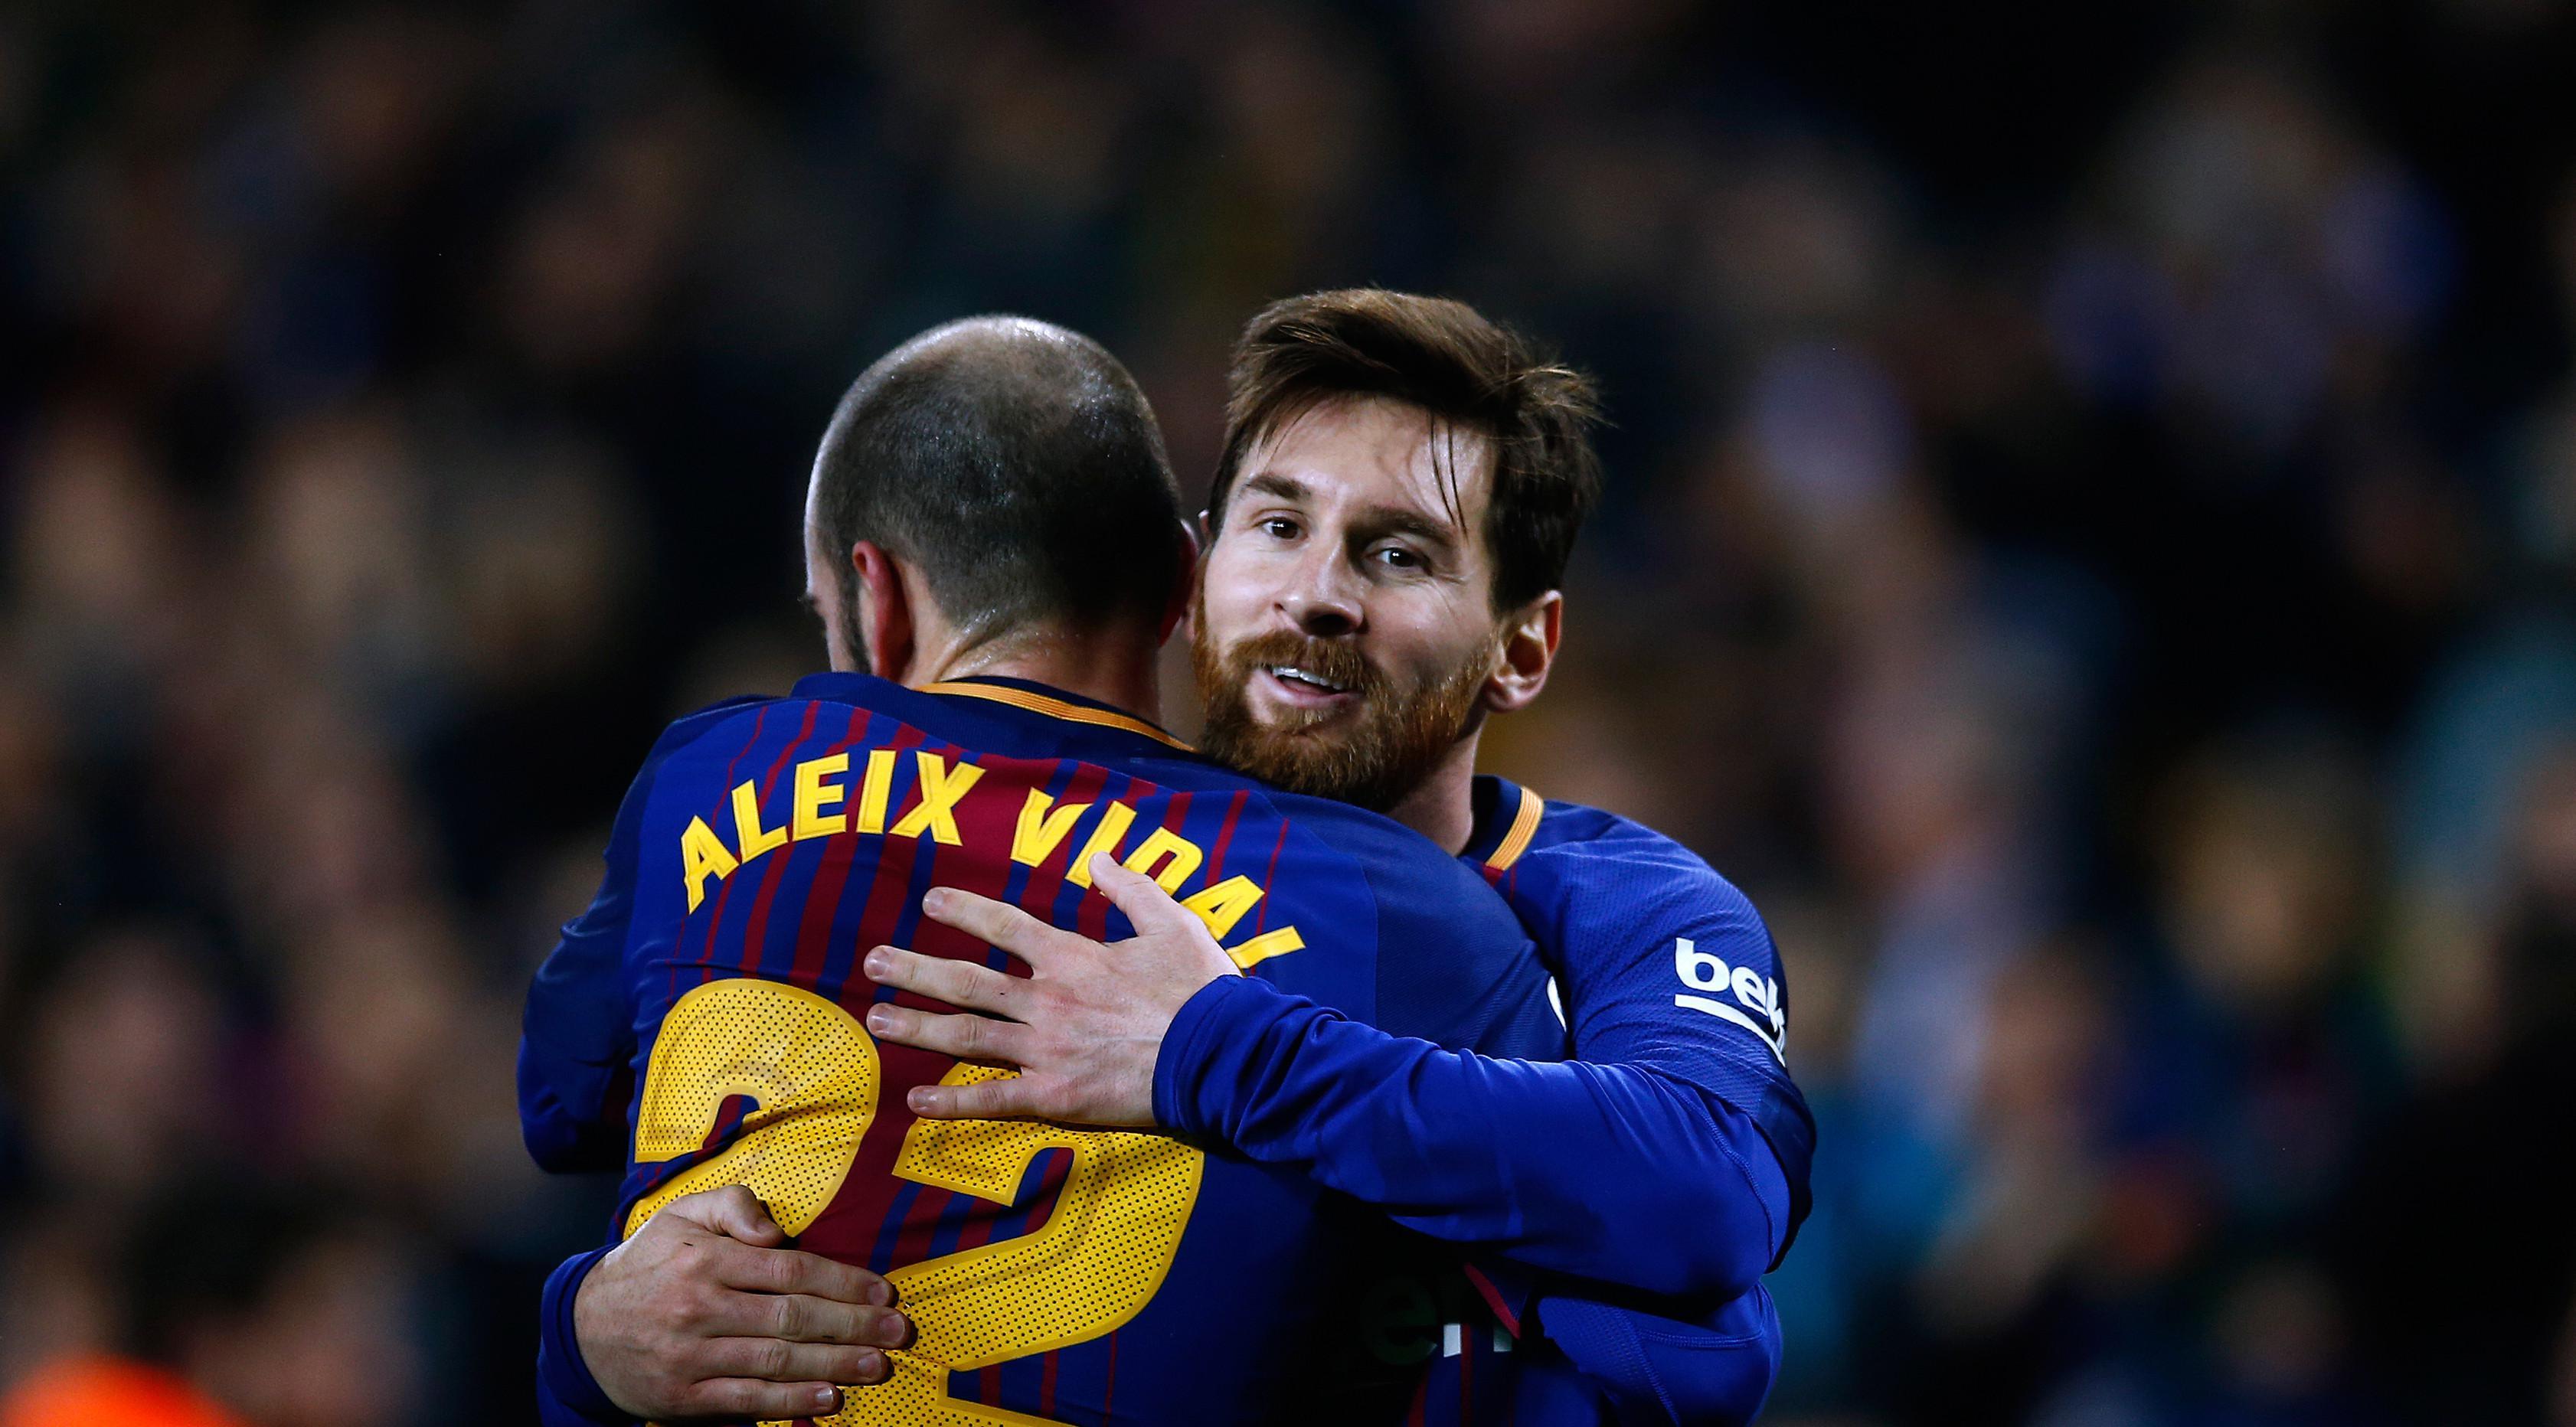 Pemain Barcelona, Lionel Messi berselebrasi setelah mencetak go ke gawang  Espanyol pada laga leg kedua perempat final Copa del Rey di Camp Nou, Kamis (25/1). Tiket semifinal berhasil diraih Barcelona usai mengalahkan Espanyol 2-0. (AP/Manu Fernandez)